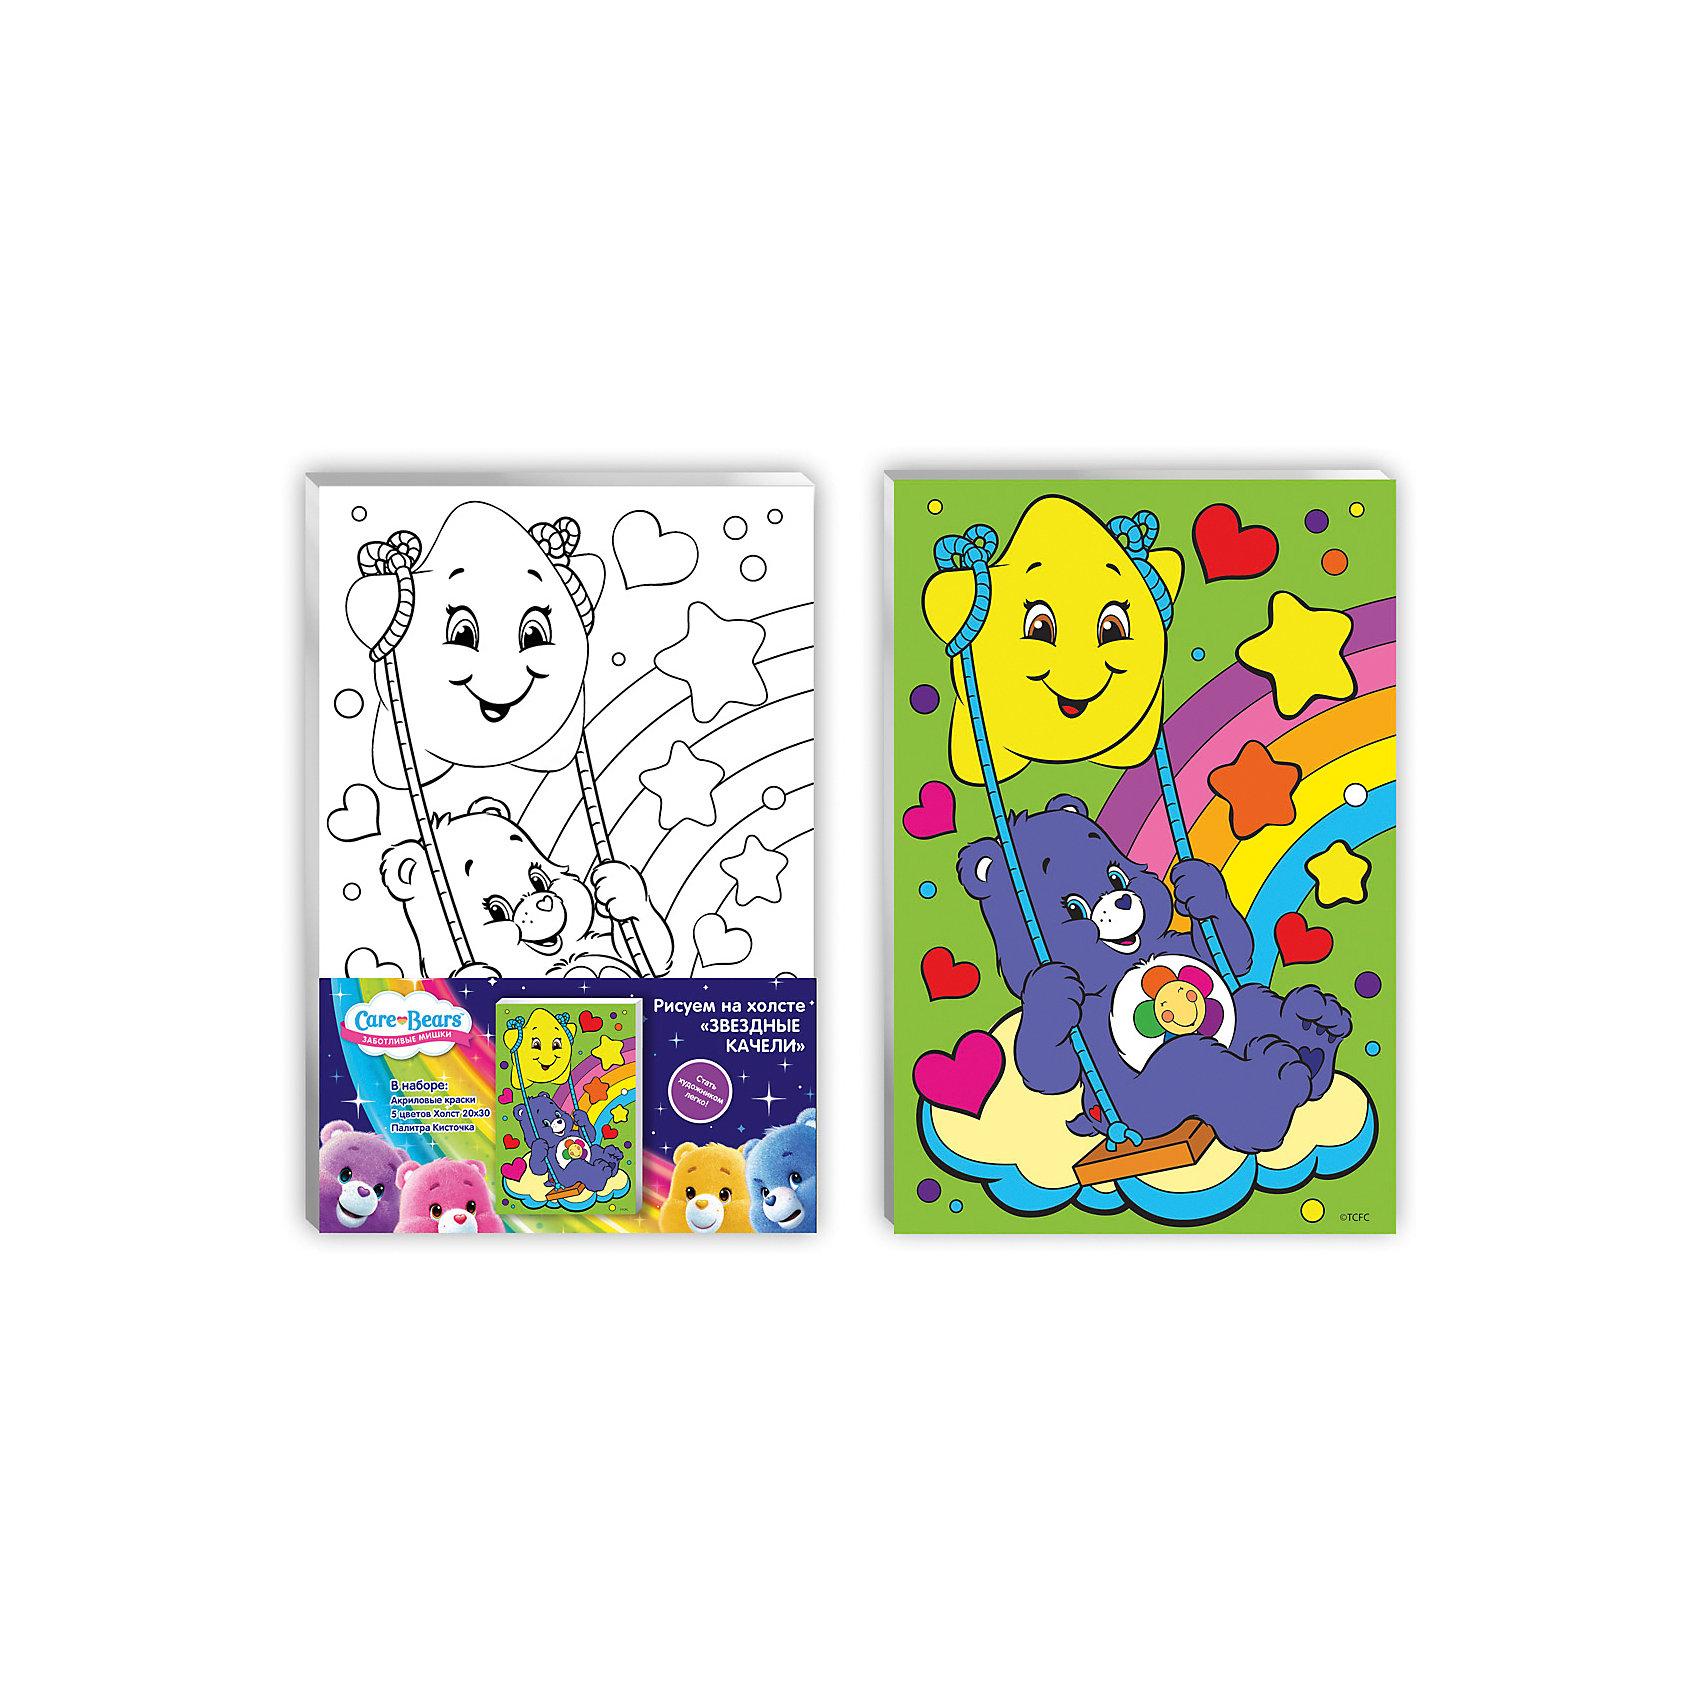 Роспись по холсту Звездные качели, 20*30 см, Заботливые мишкиРисование<br>Характеристики товара:<br><br>• количество цветов: 5 шт.<br>• комплект: акриловые краски, холст, палитра, кисточки<br>• размер картинки: 20х30 см<br>• акриловые краски легко ложатся на холст, быстро сохнут, хорошо растворяются в воде, после высыхания становятся водонепроницаемыми<br>• состав: текстиль, дерево, акрил, металл, пластик<br>• страна бренда: Россия<br>• страна изготовитель: Китай<br><br>В набор для творчества входит все, чтобы создать настоящее произведение искусства своими руками: холст с нанесенными контурами рисунка, краски, палитра, кисточка. Можно раскрасить рисунок по образцу. Смешивая краски, юный художник получит новые цвета и оттенки. Ткань обработана специальным составом, который обеспечивает нанесение красок равномерным слоем.<br><br>Роспись по холсту Звездные качели, 20*30 см, Заботливые мишки, вы можете приобрести в нашем интернет-магазине.<br><br>Ширина мм: 200<br>Глубина мм: 300<br>Высота мм: 150<br>Вес г: 230<br>Возраст от месяцев: 36<br>Возраст до месяцев: 2147483647<br>Пол: Женский<br>Возраст: Детский<br>SKU: 5453434